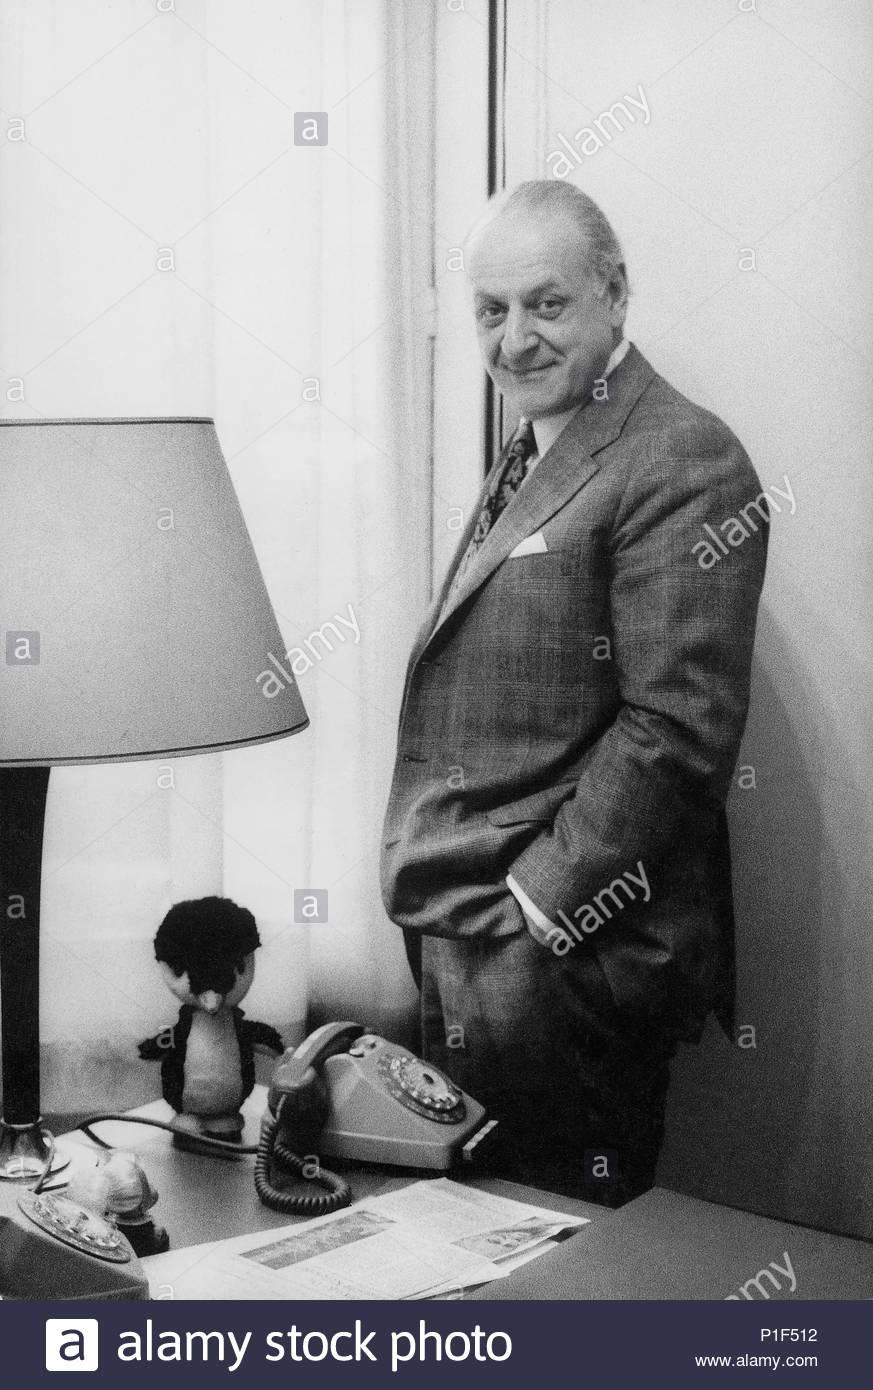 Composer Rolf Liebermann,new director of the Paris Opera(Palais Garnier).Paris Opera, 1973. Location: Opera House Palais Garnier, Paris, France. - Stock Image